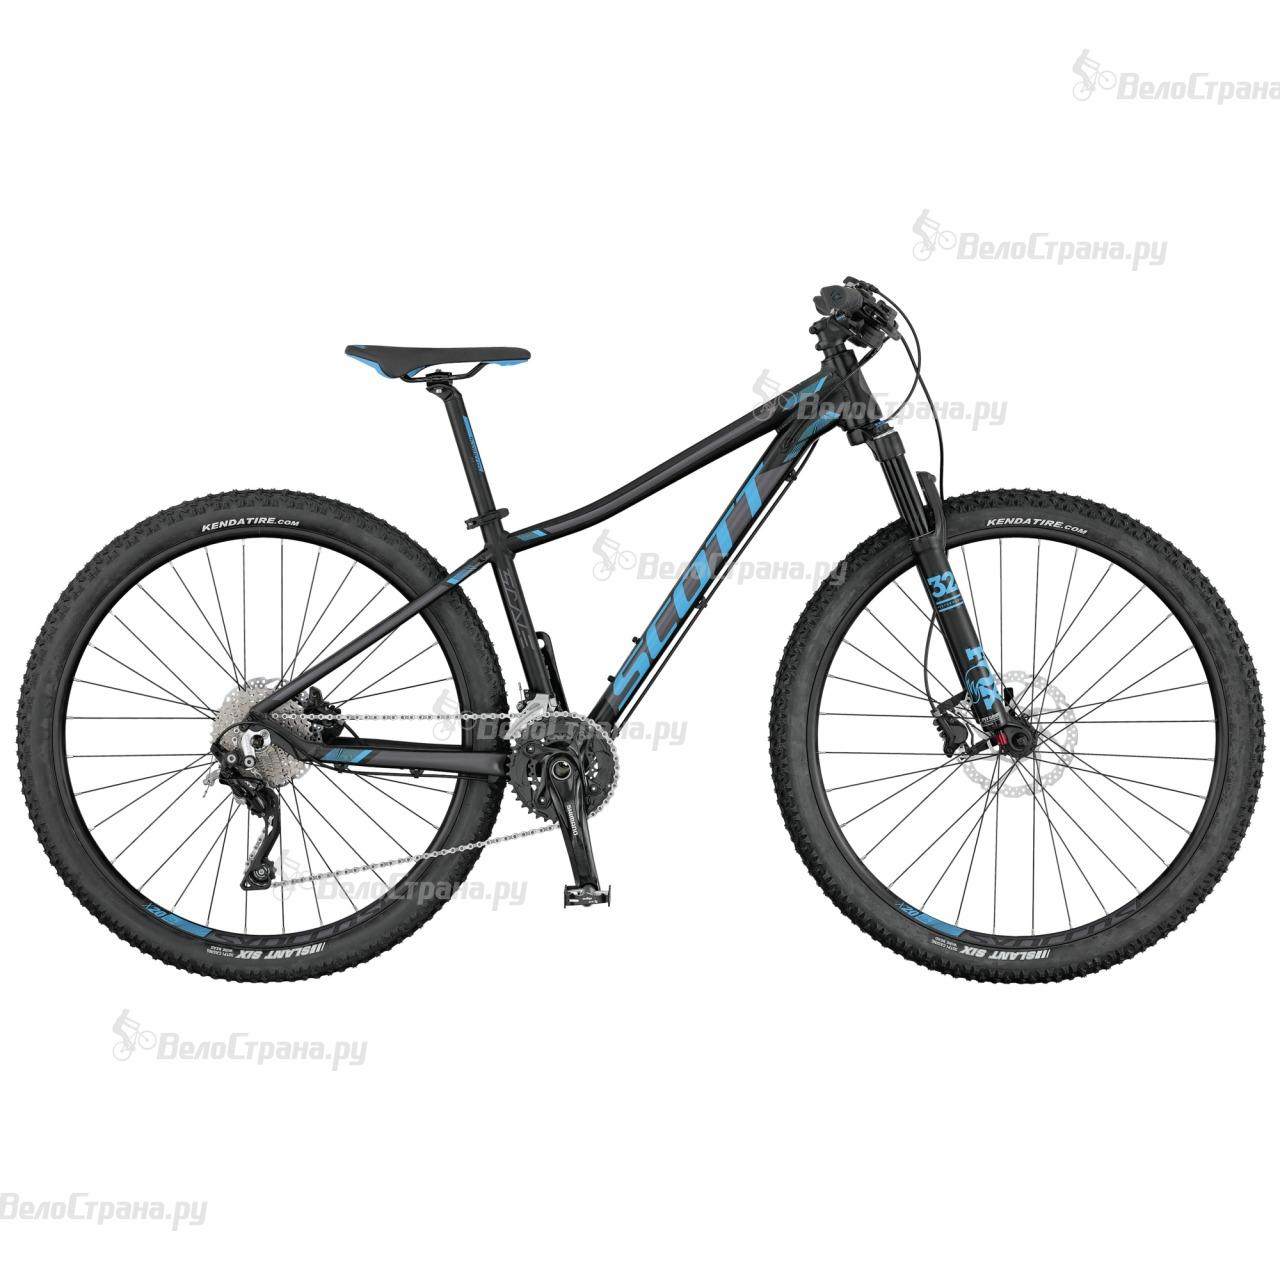 Велосипед Scott Contessa Scale 710 (2017)